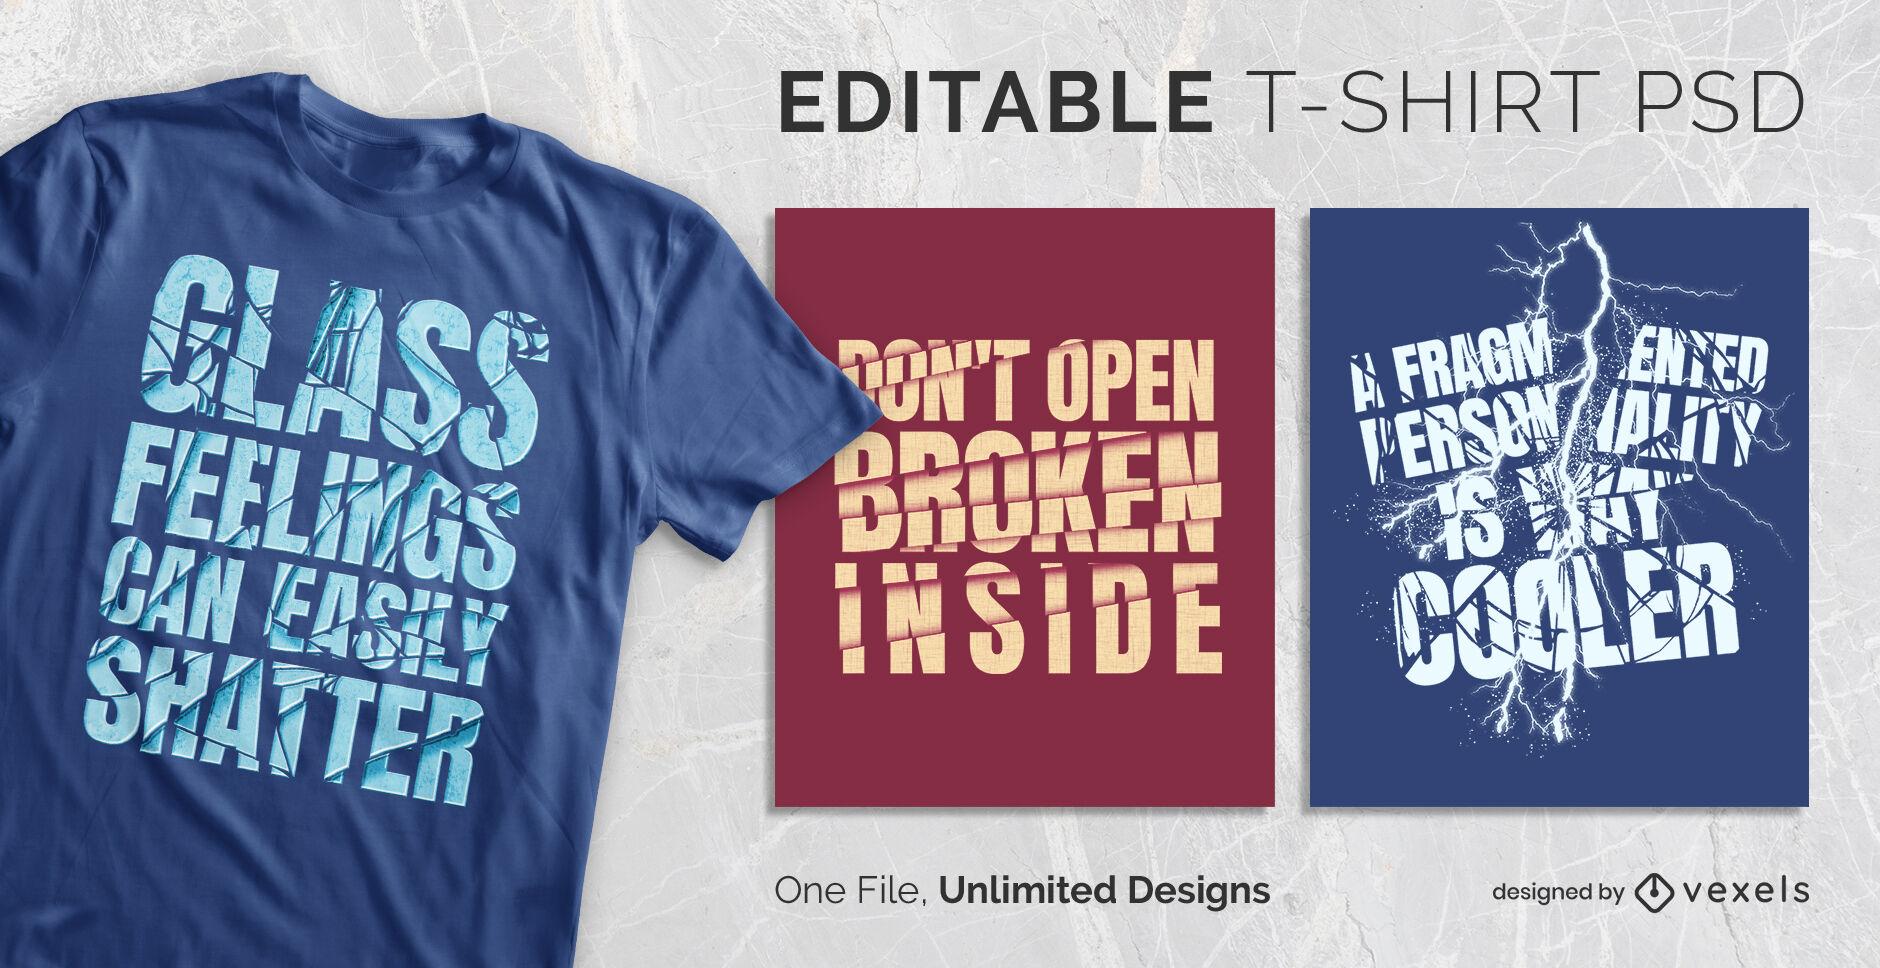 Zerbrochenes Glas skalierbares PSD-T-Shirt-Design